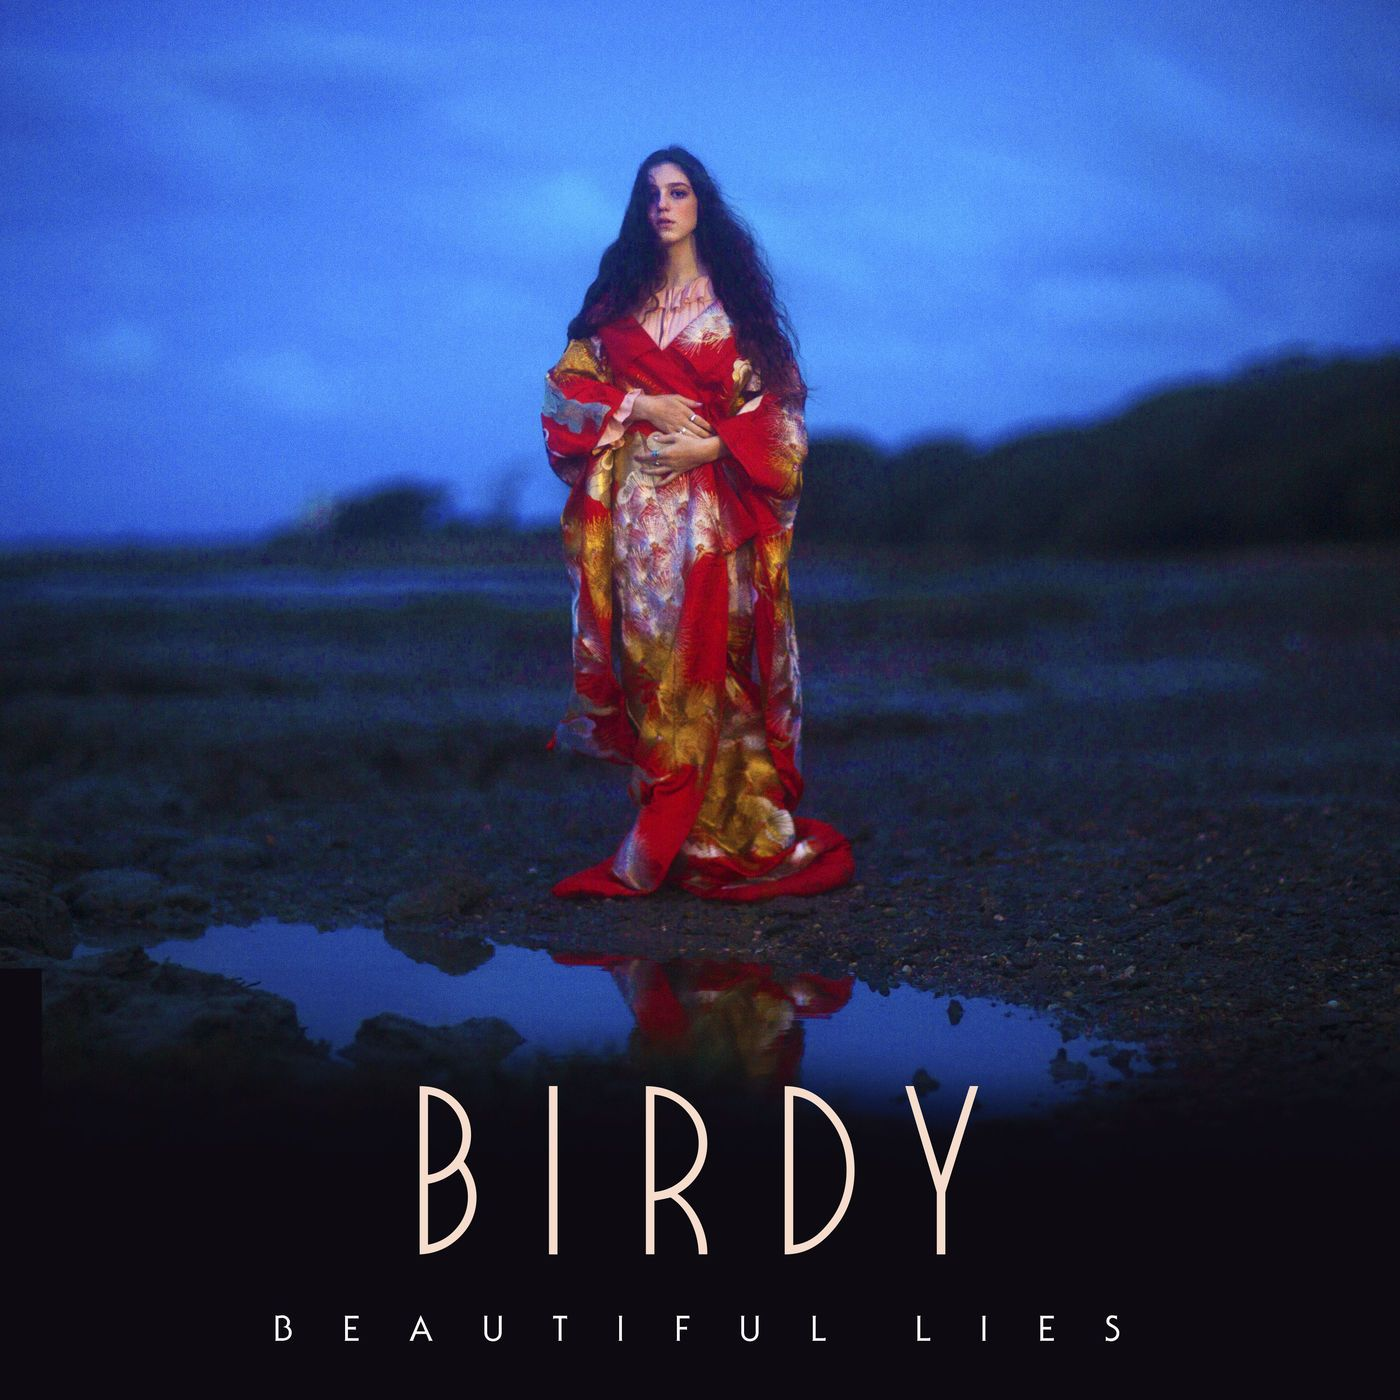 Resultado de imagem para birdy beautiful lies album cover